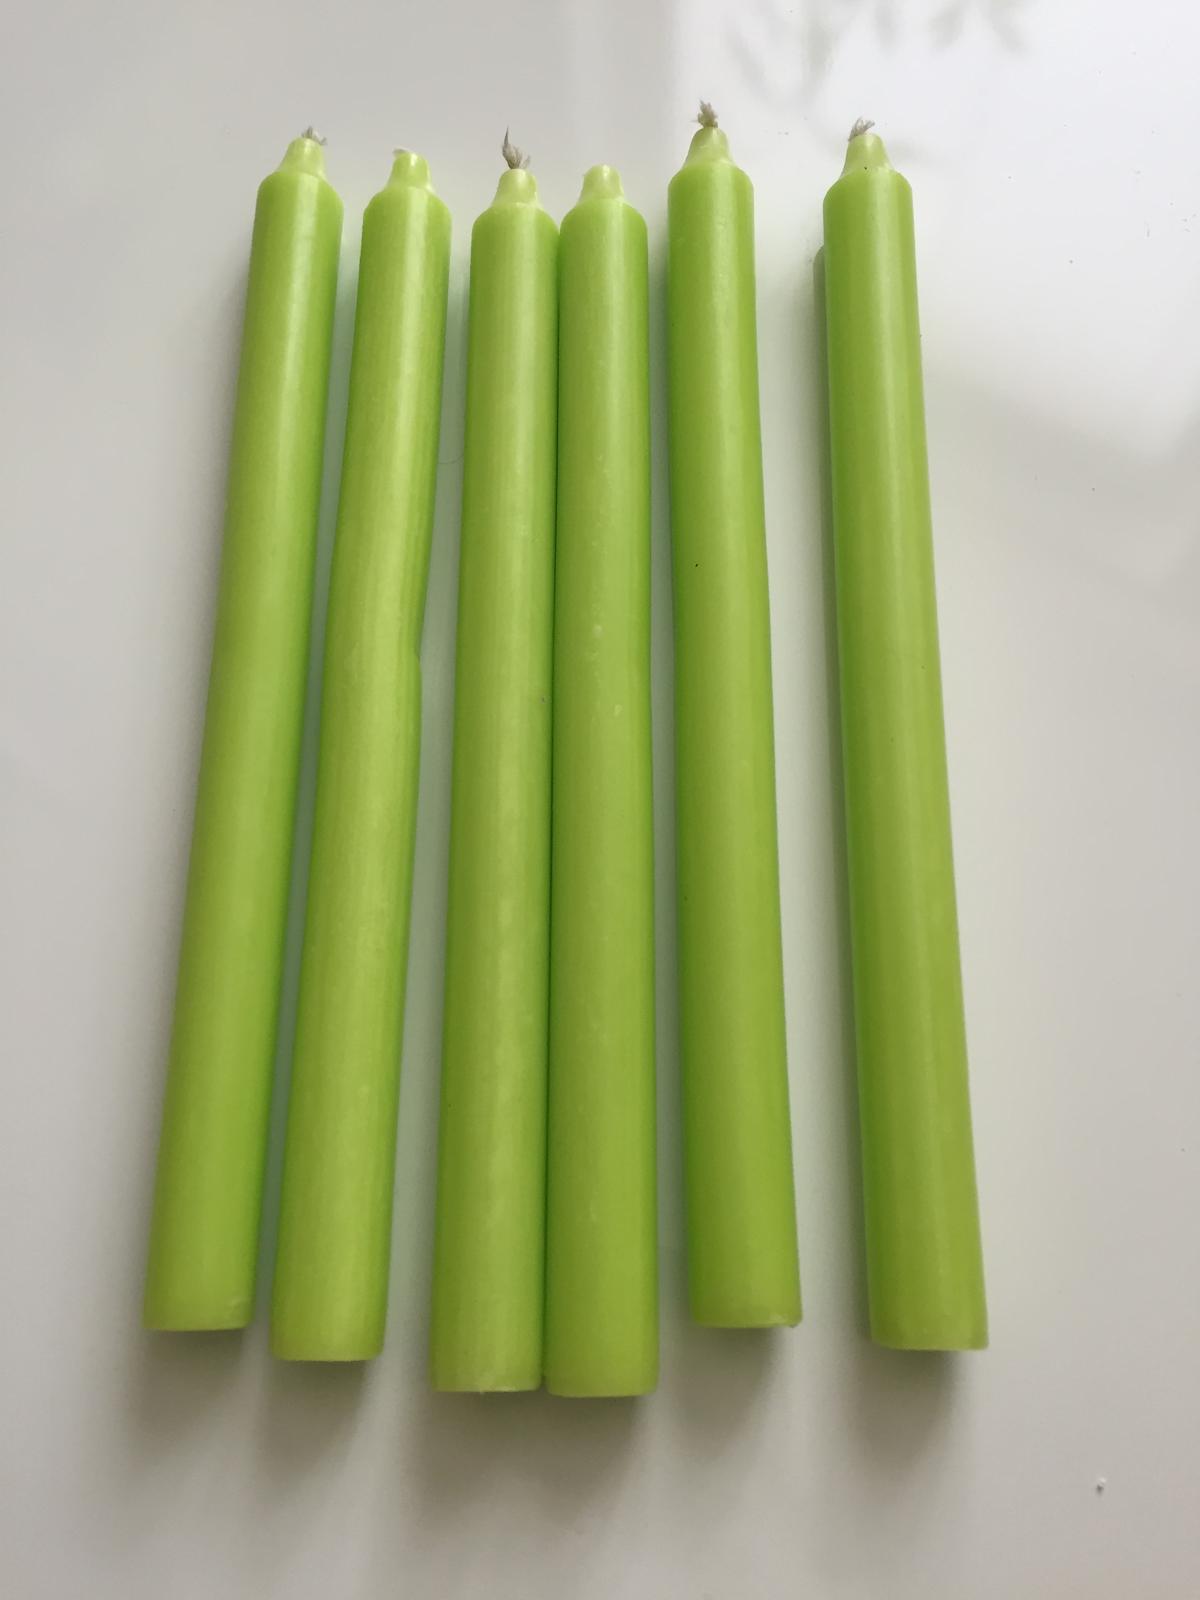 Vysoké svíčky zelené - Obrázek č. 1